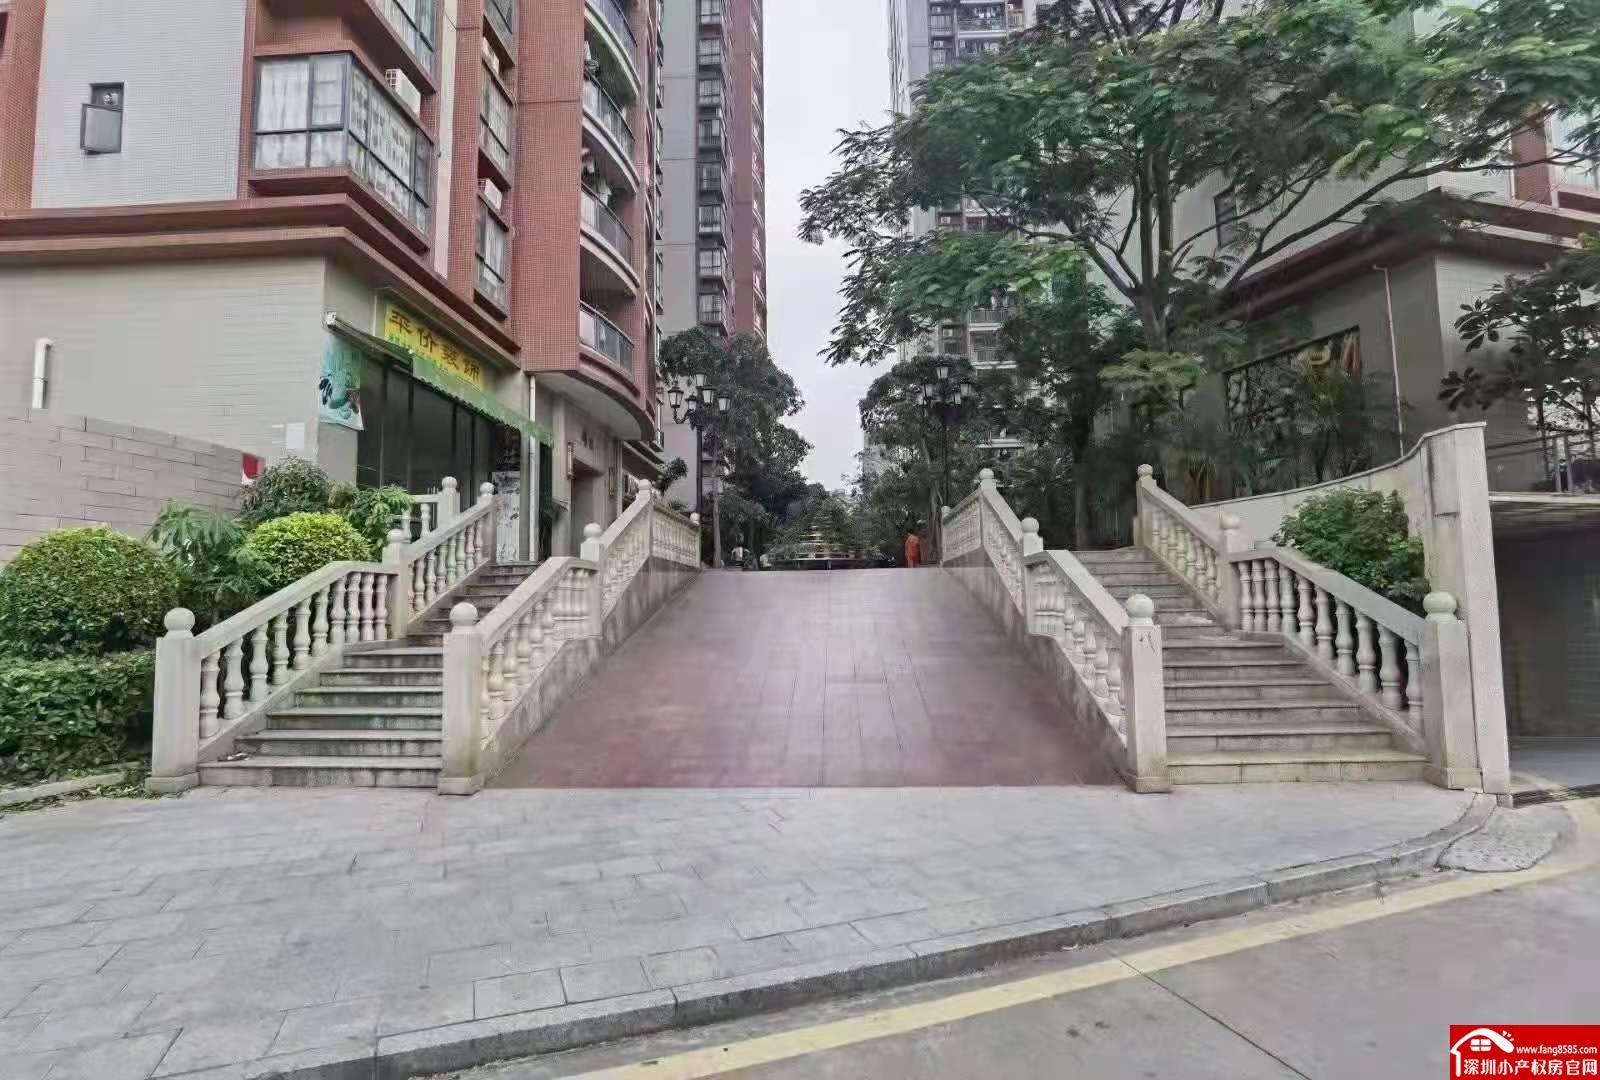 长安乌沙4栋花园小区【鸿锦花园】带两层地下车库